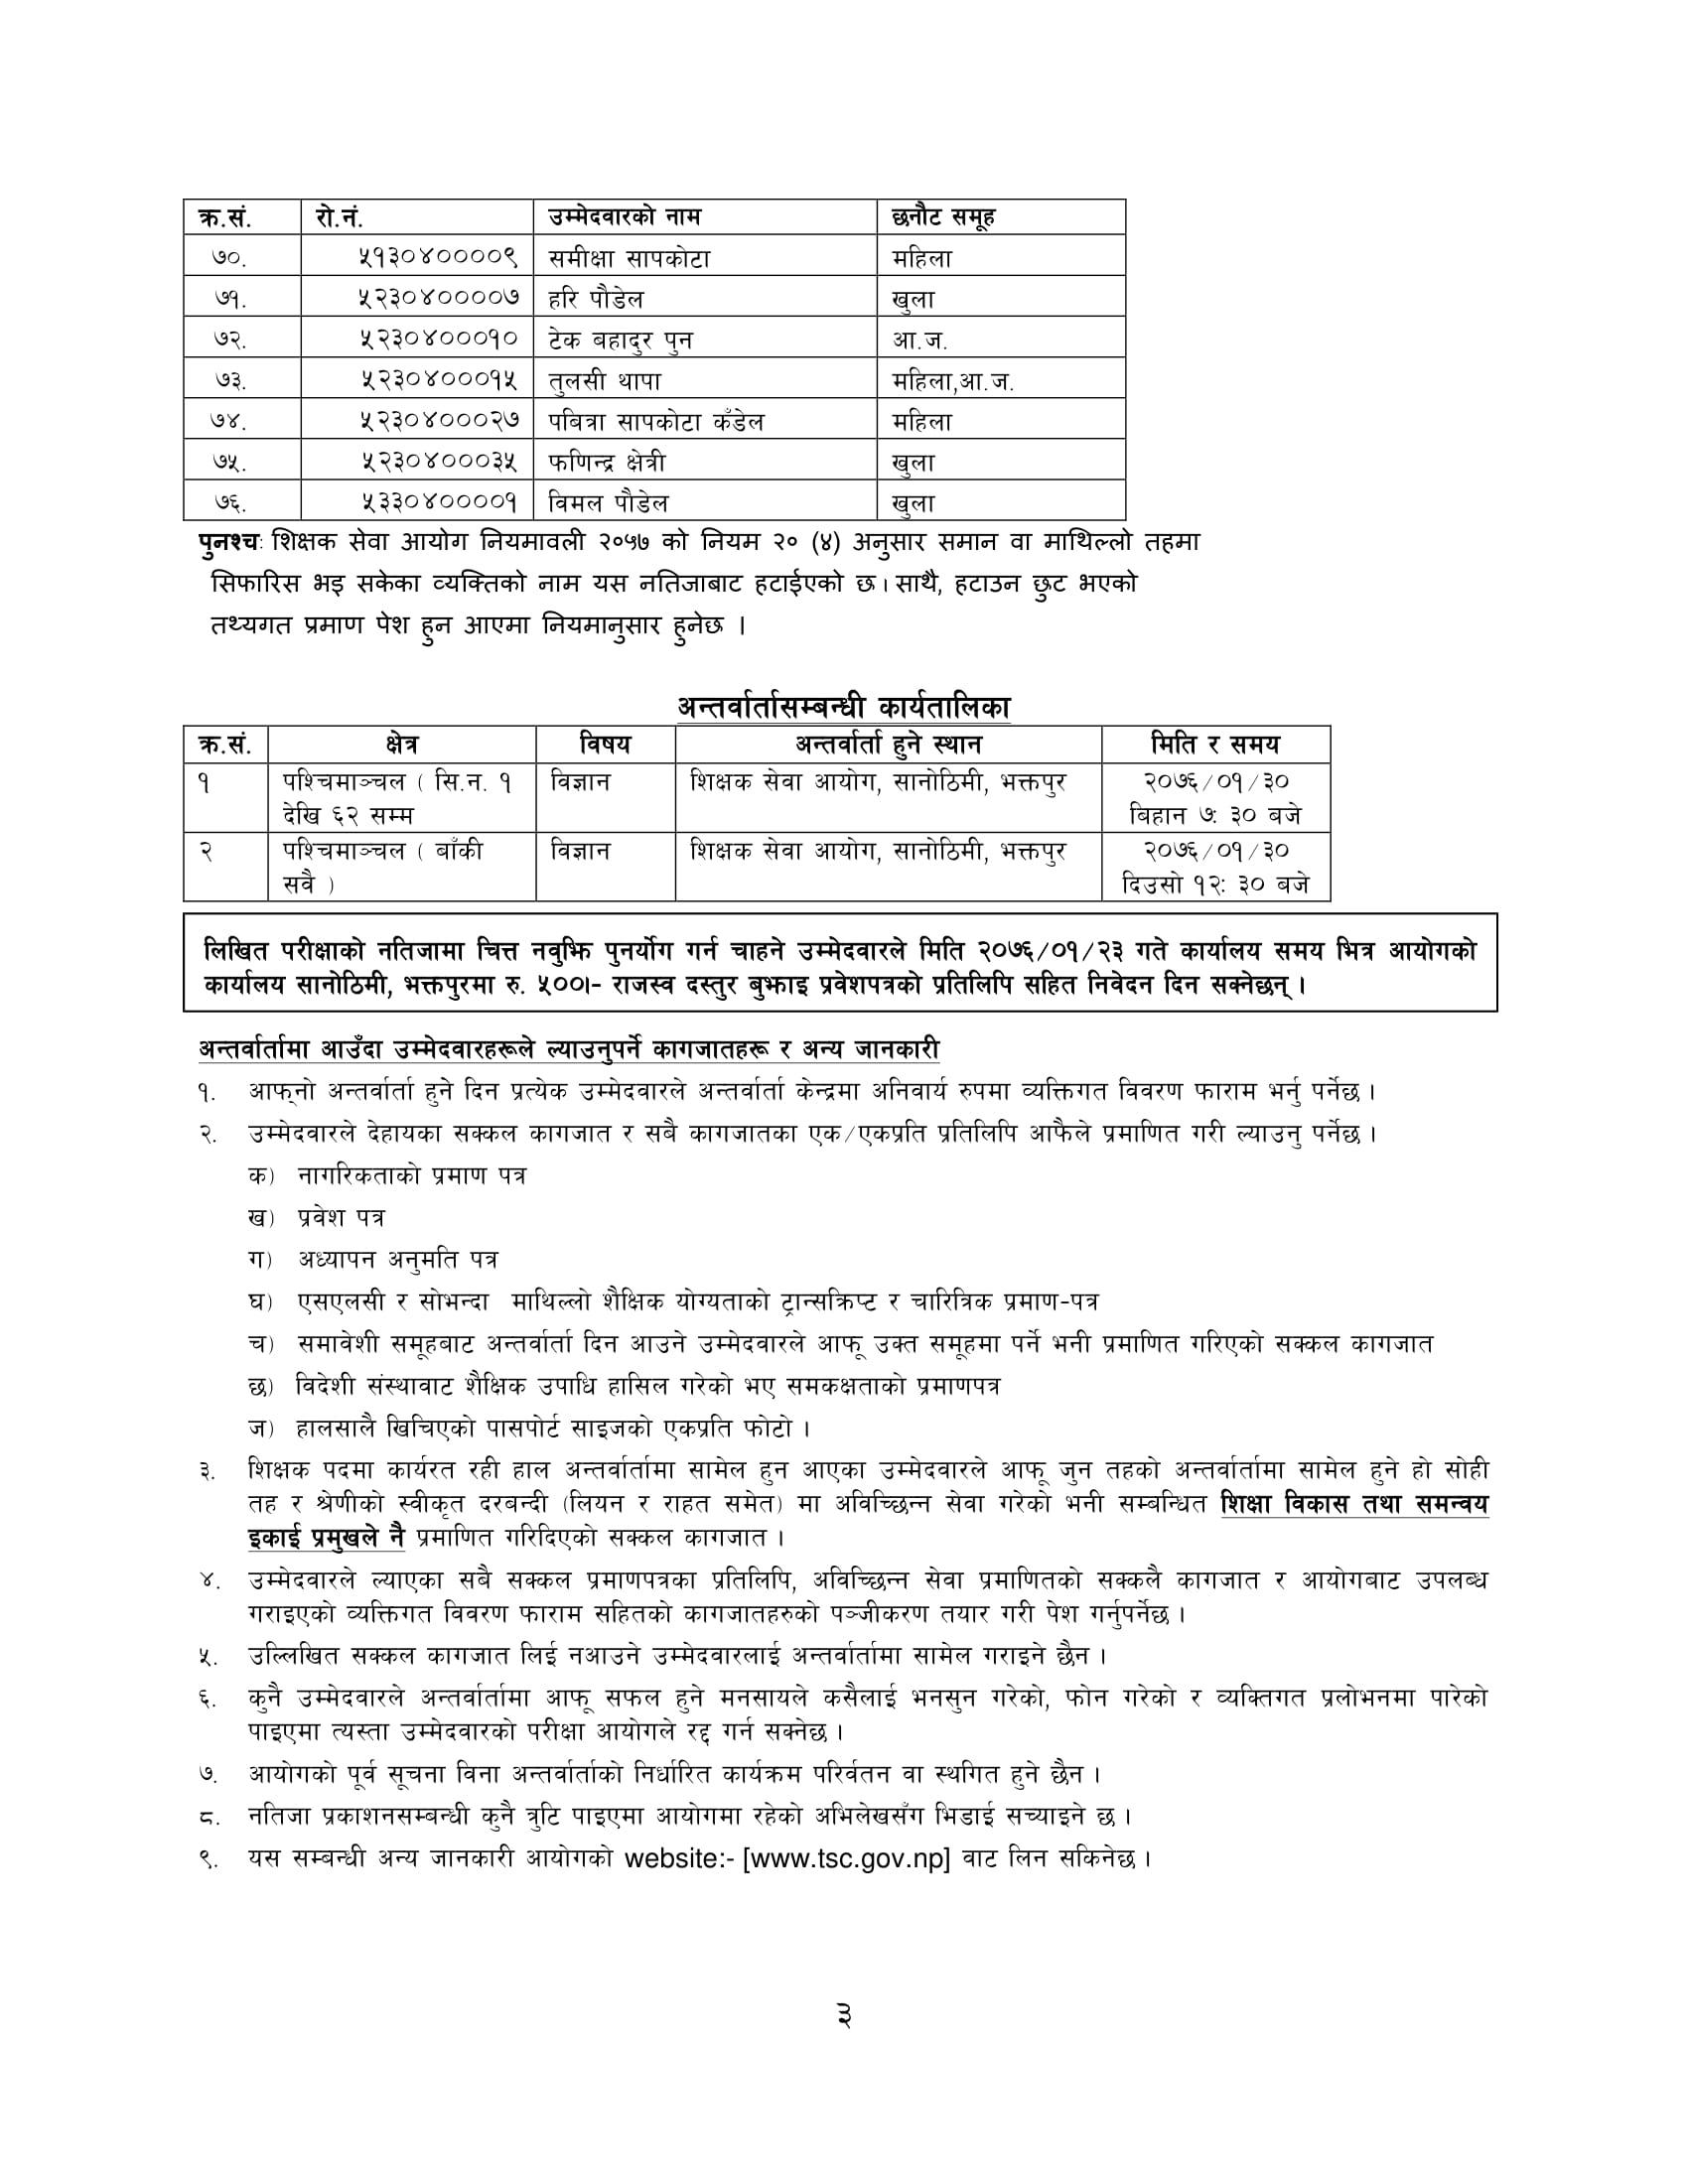 TSC exam result, shikshak sewa aayog natija, temporary teachers result, TSC exam result, TSC internal exam result, TSC Nepal 2075 Internal Exam Result, tsc result, tsc result 2075, tsc result 2076, tsc secondary result,  tsc lower secondary result,  tsc primary level result,  tsc Nepal exam result, शिक्षक नतिजा,  नतिजा, शिक्षक नतिजा २०७५